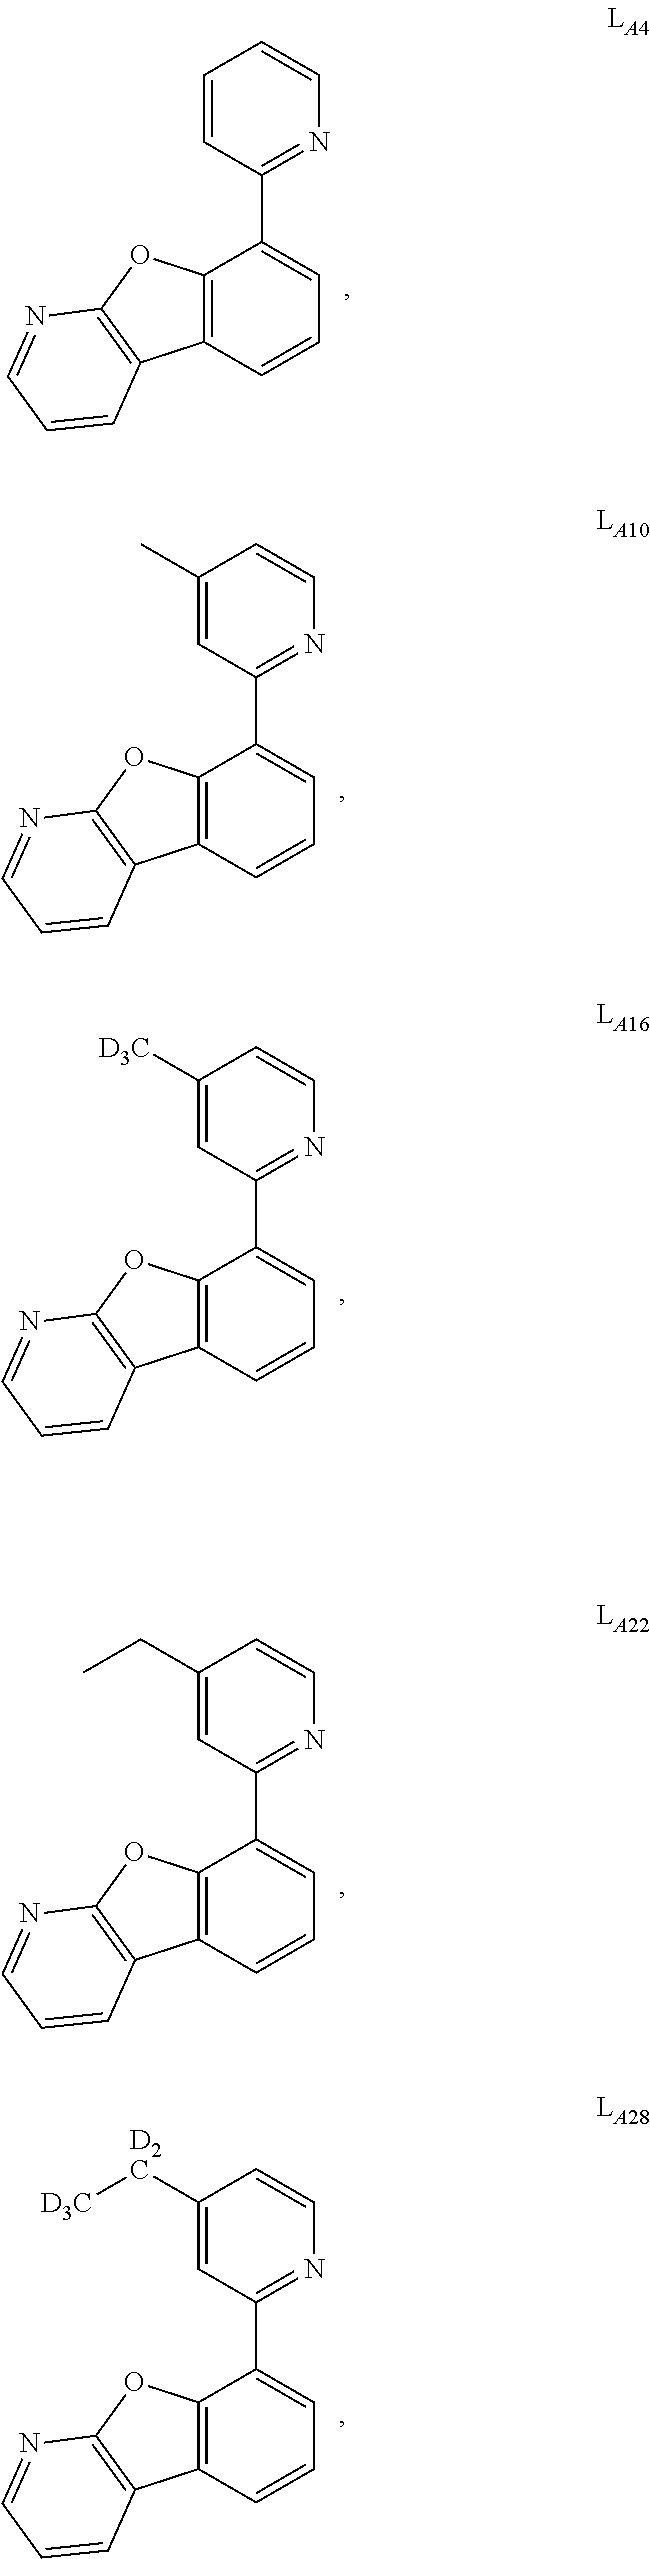 Figure US09634264-20170425-C00301